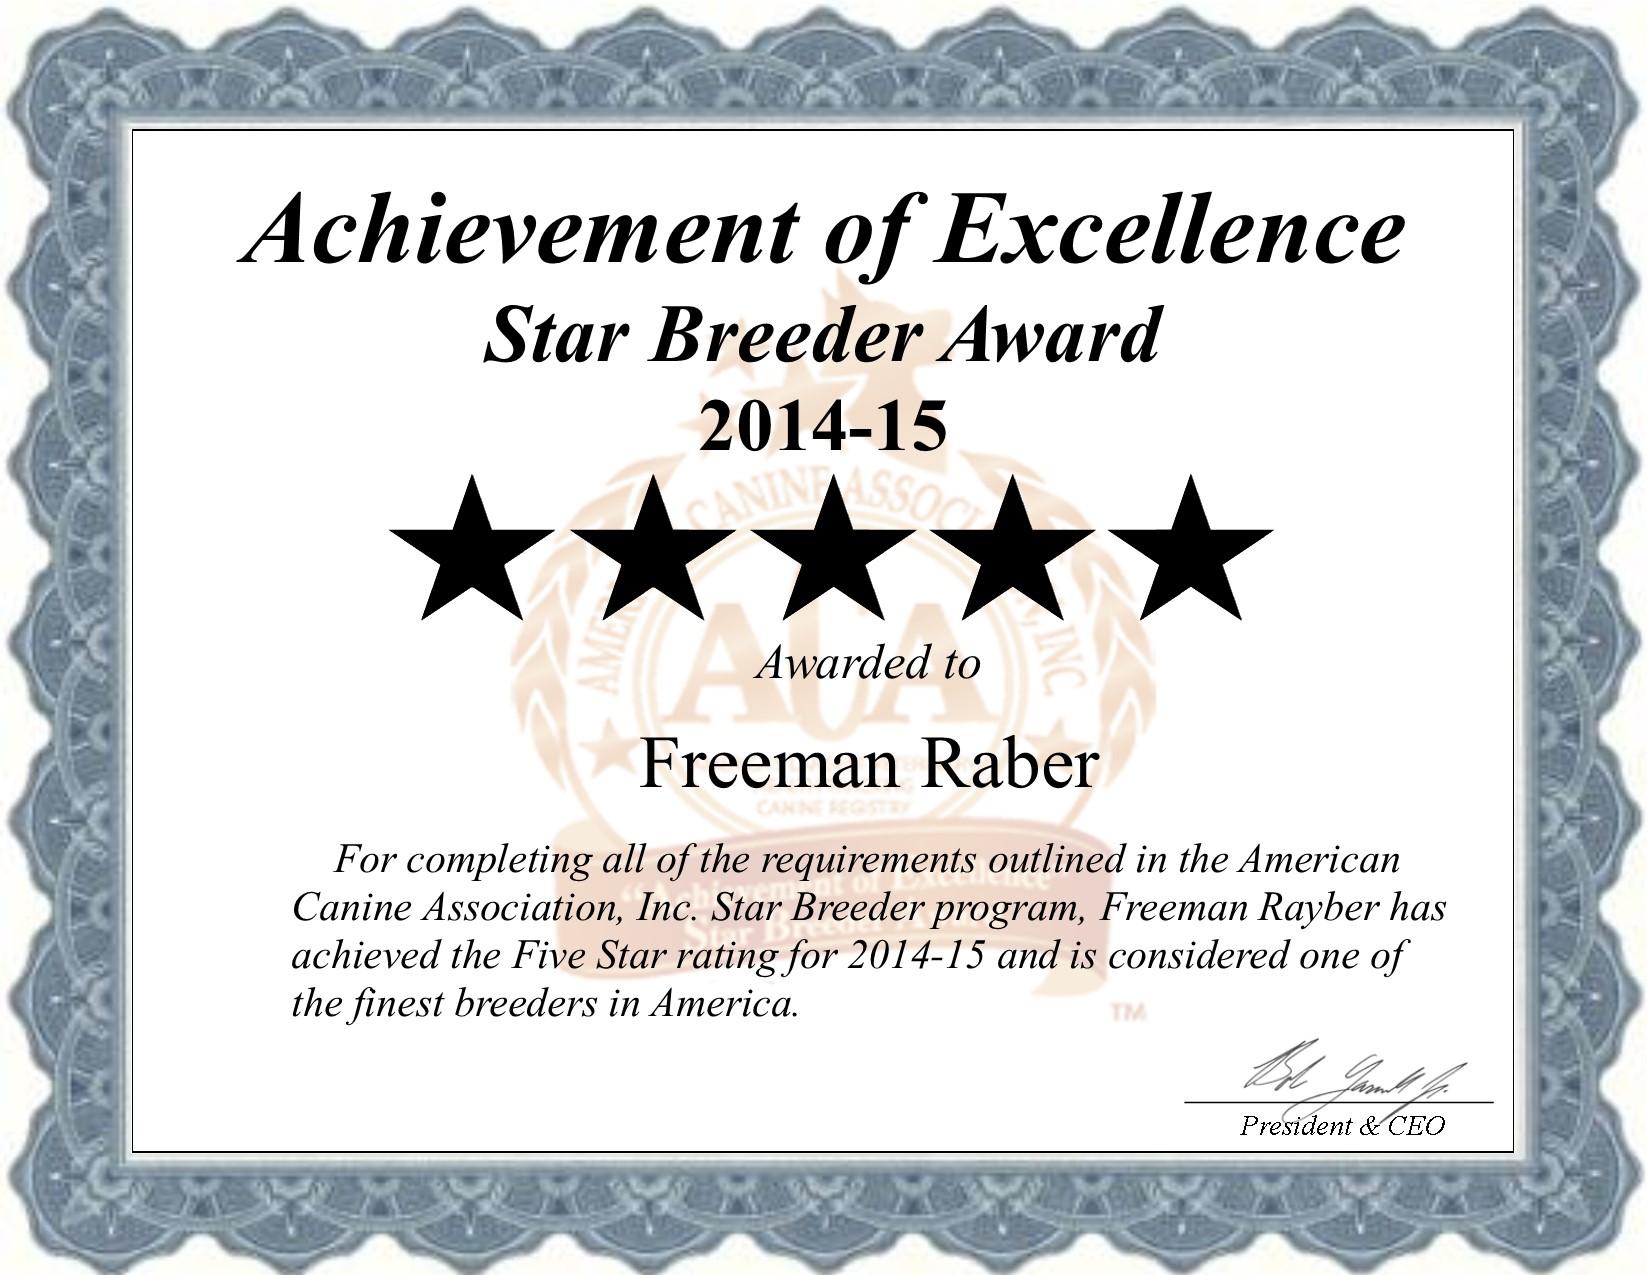 freeman, raber, feeman-raber, dog, breeder, dog-breeder, Raber kennel, Freeman Raber breeder, Baltic, Baltic-oh, oh, ohio, ohio, breeder, star breeder, starbreeder, 5 star, dog, puppy, puppies, five star, kennel, show breeder